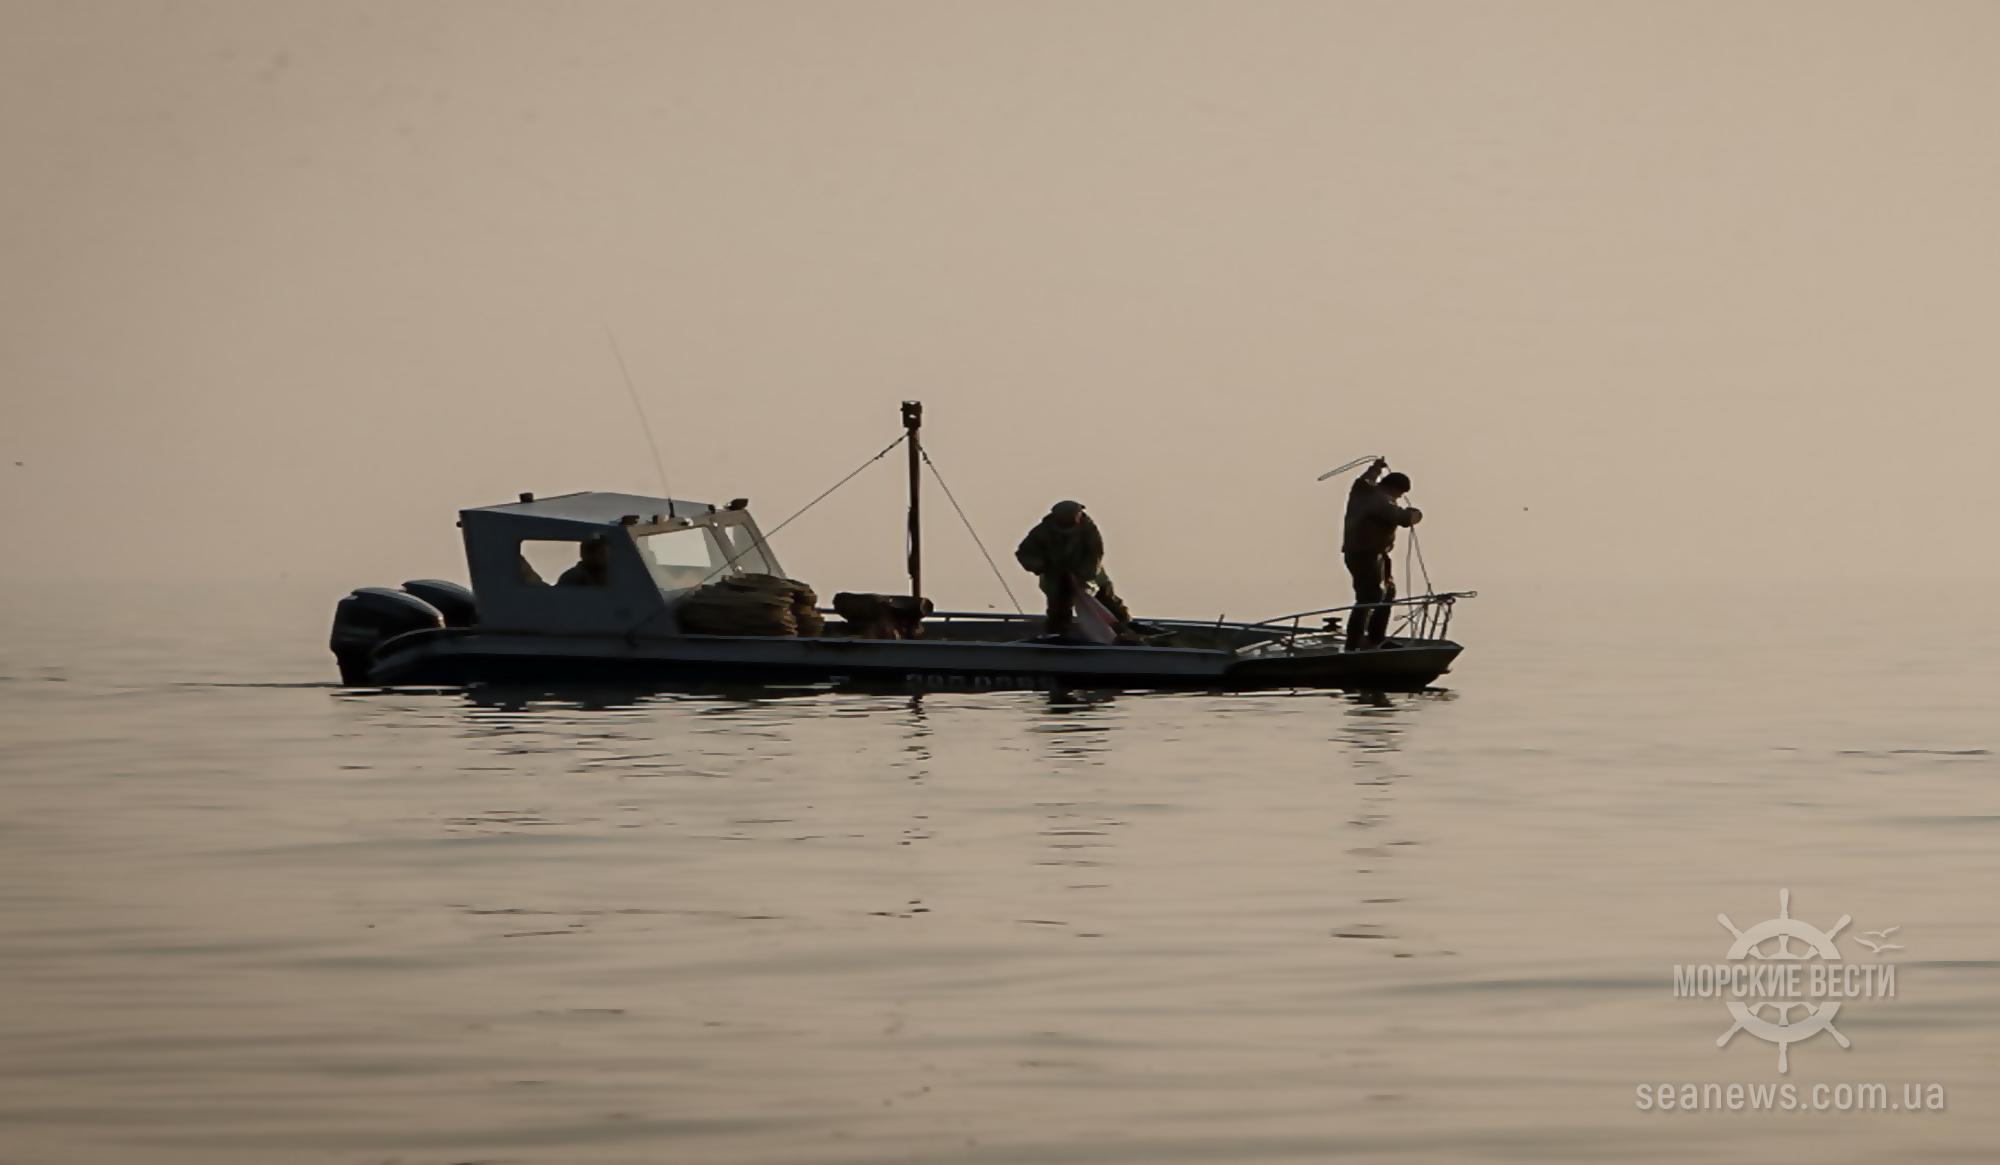 В Азовском море четвертые сутки ищут пропавших украинских рыбаков